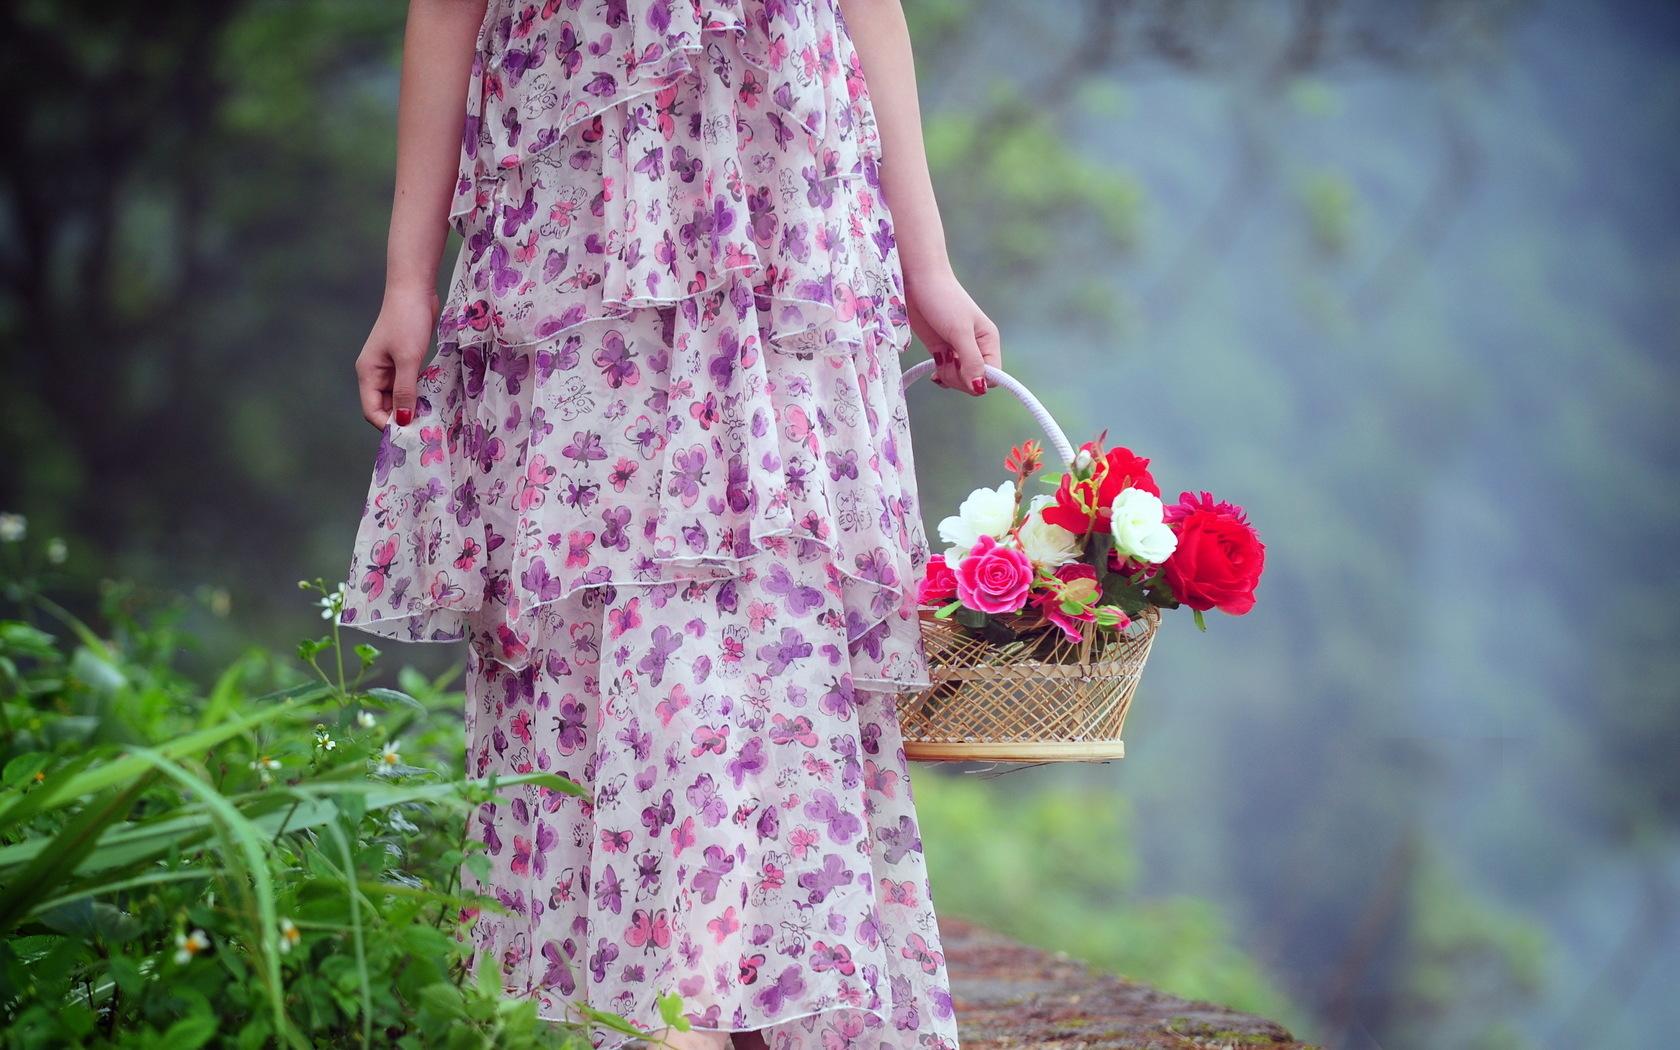 44533 скачать обои Растения, Люди, Цветы, Девушки - заставки и картинки бесплатно